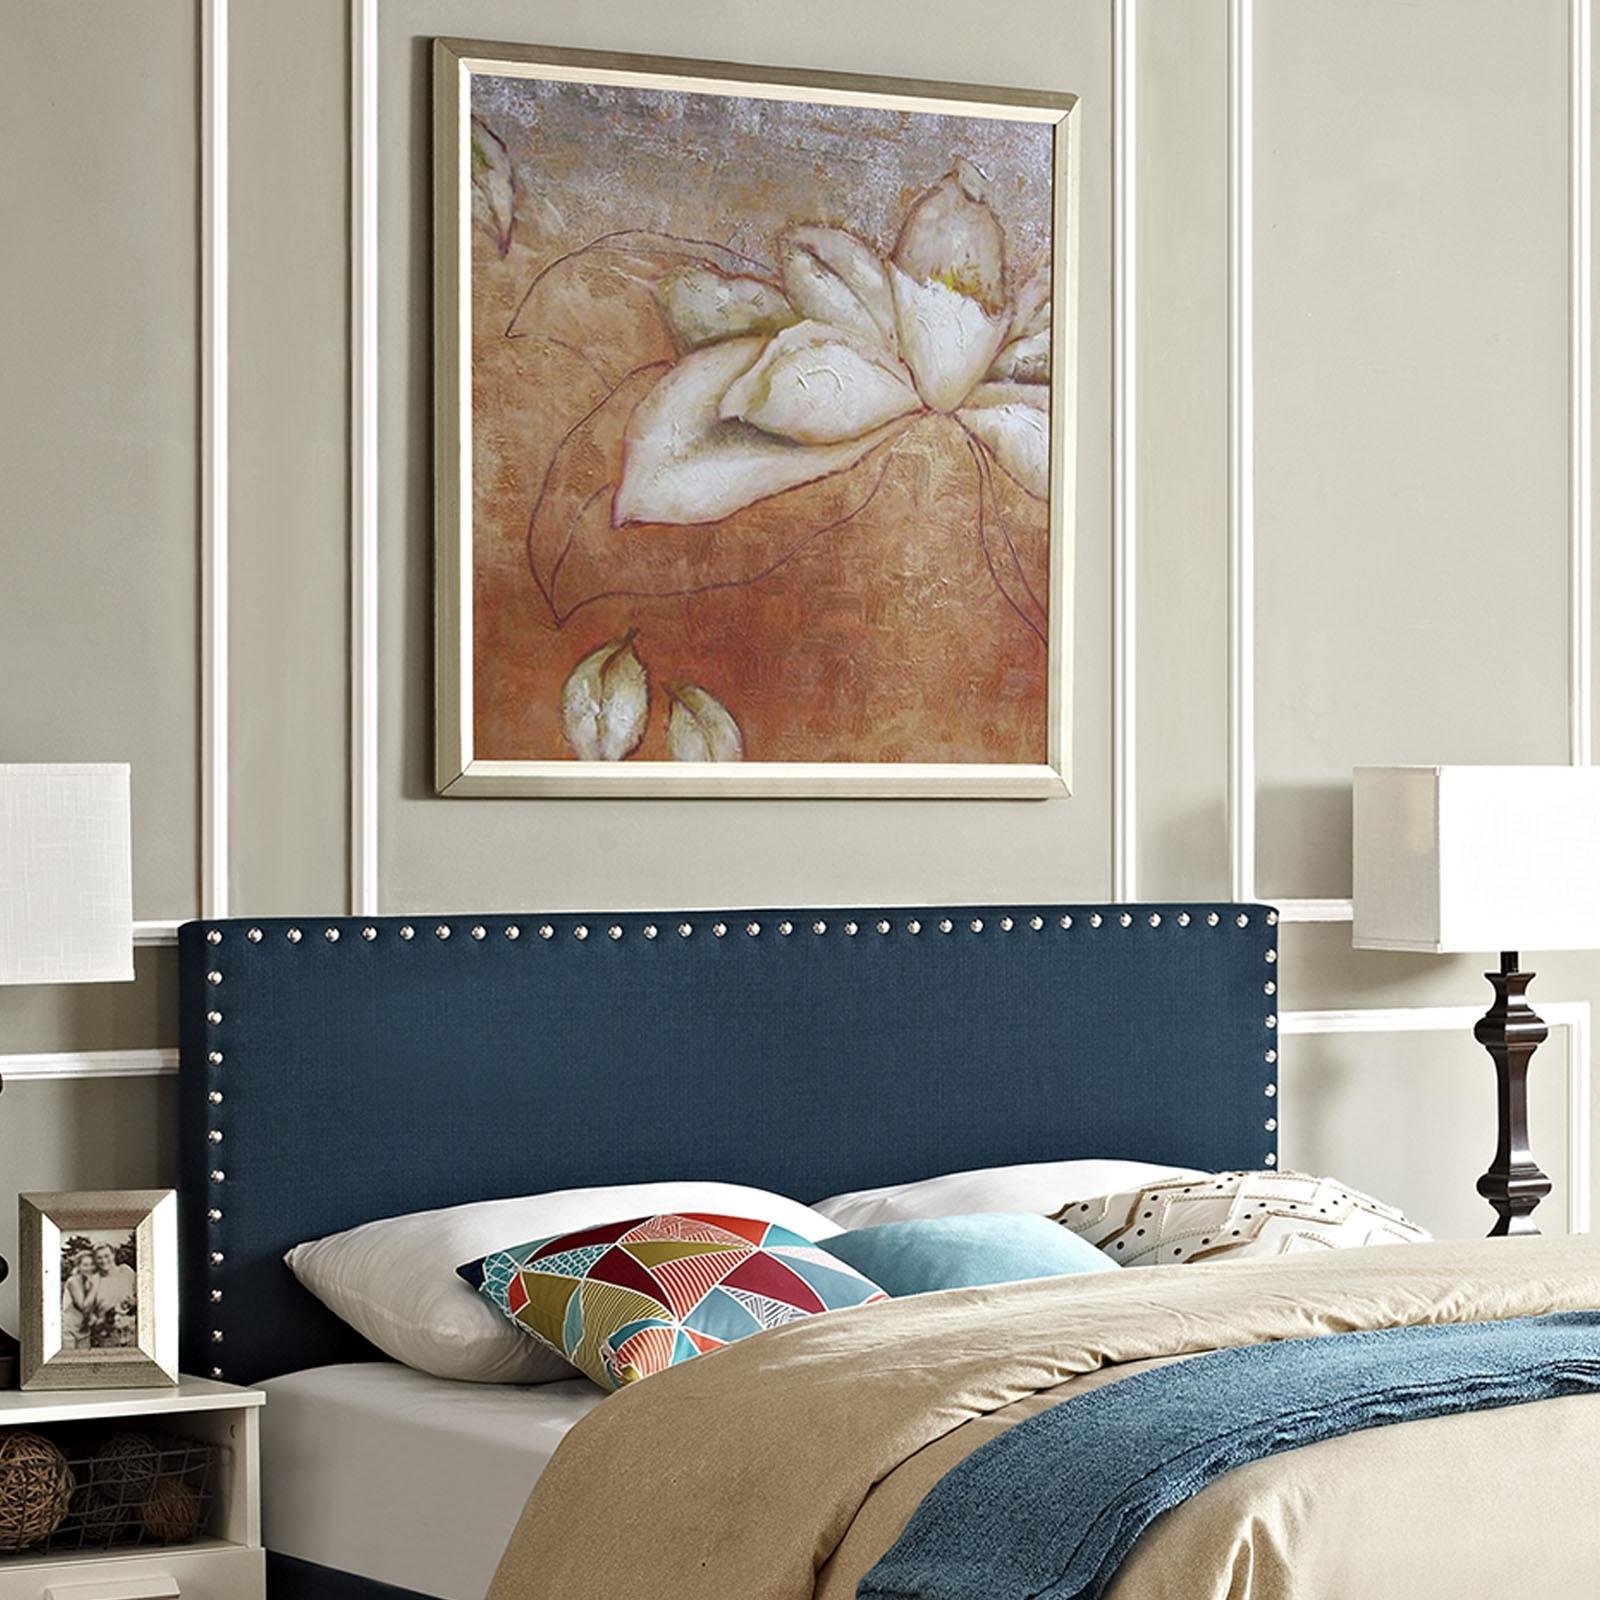 Phoebe Queen Upholstered Fabric Headboard in Azure